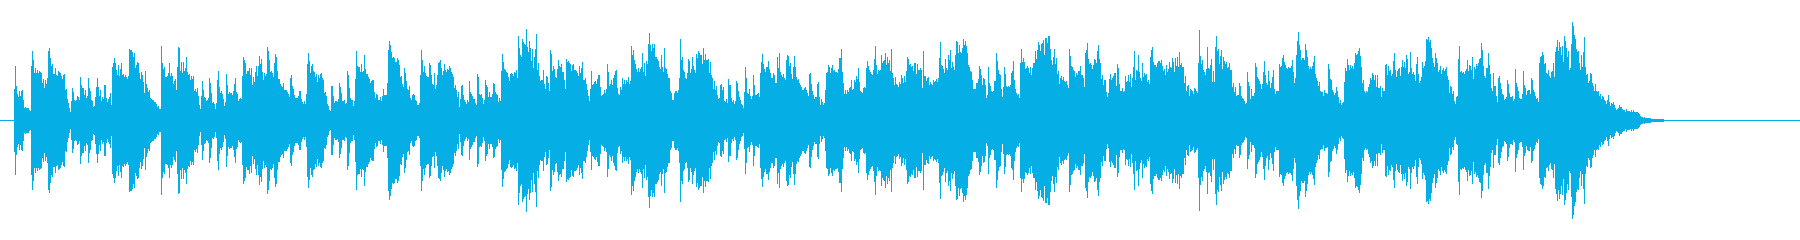 愉快で怪しいマイナーワールドミュージックの再生済みの波形